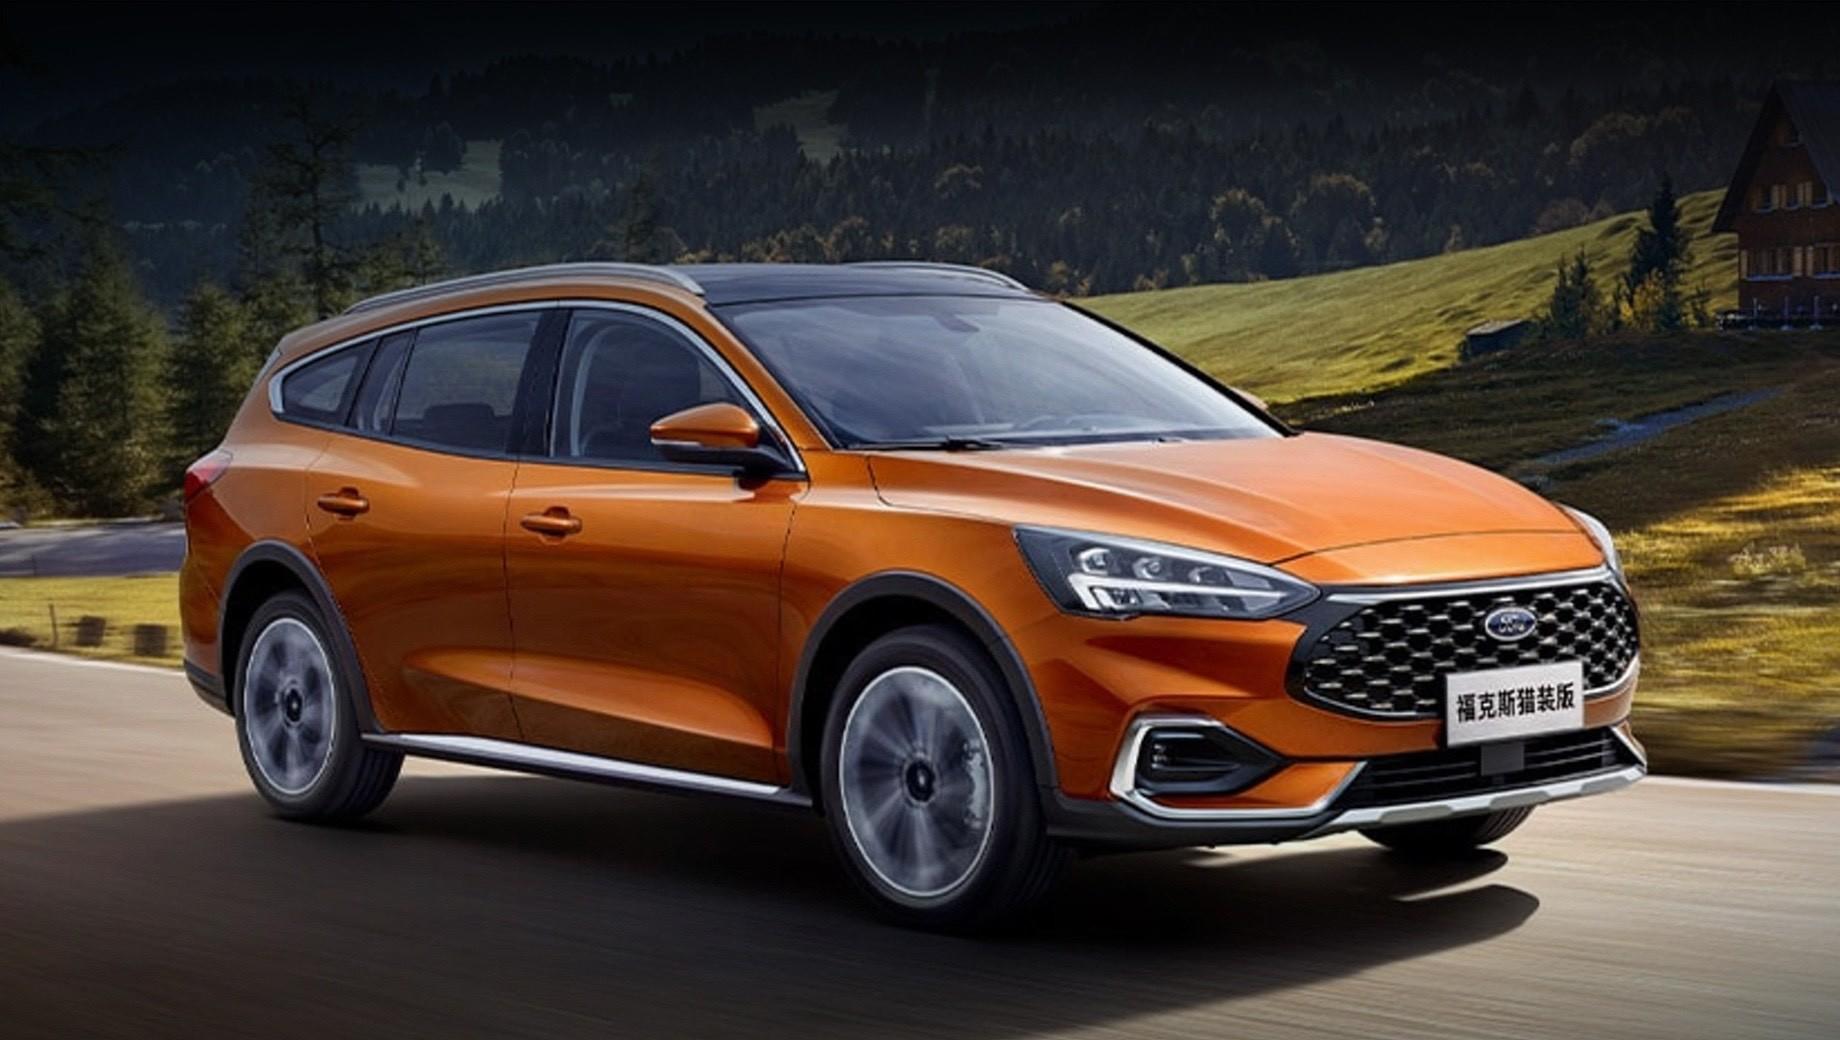 Ford focus,Ford focus travel,Ford focus active wagon. Производство обновлённых Фокусов в Китае уже началось на совместном предприятии Ford Changan. Продажи стартуют до конца года, а цены в зависимости от типа кузова и комплектации варьируются от 108 800 до 153 800 юаней (от 1,3 до 1,8 млн рублей).